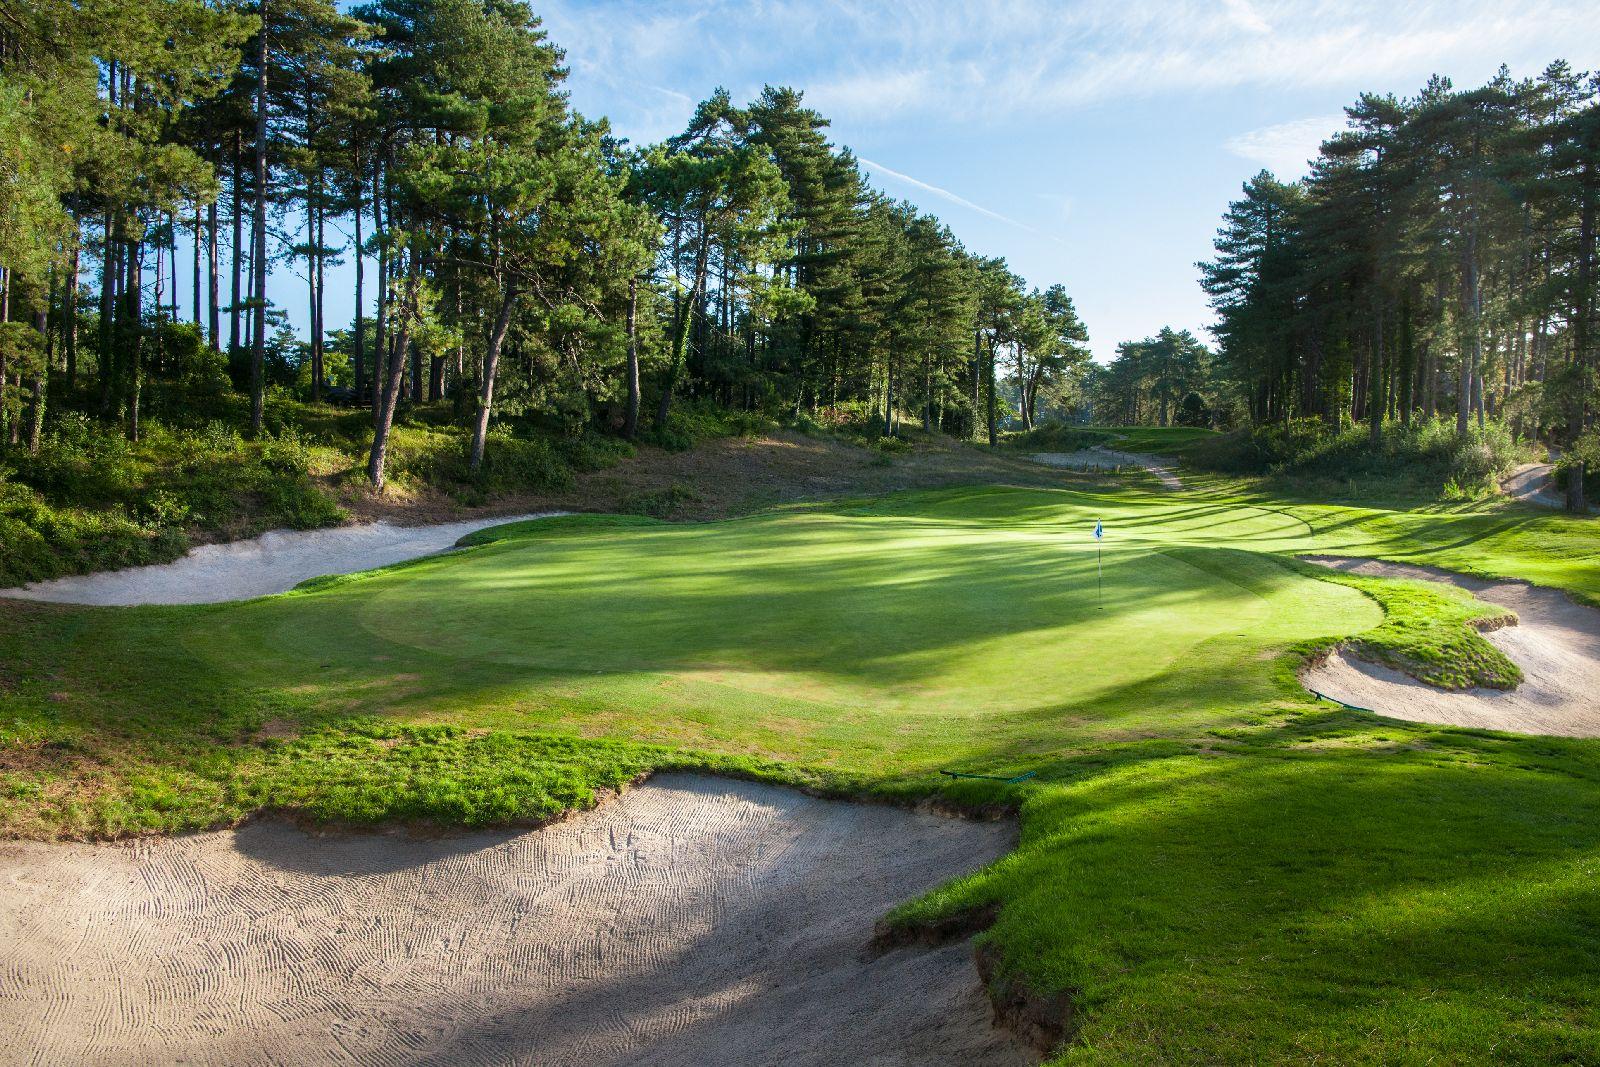 golf-expedition-golf-reizen-frankrijk-regio-pas-de-calais-le-manoir-hotel-bunker-met-golfbaan.jpg